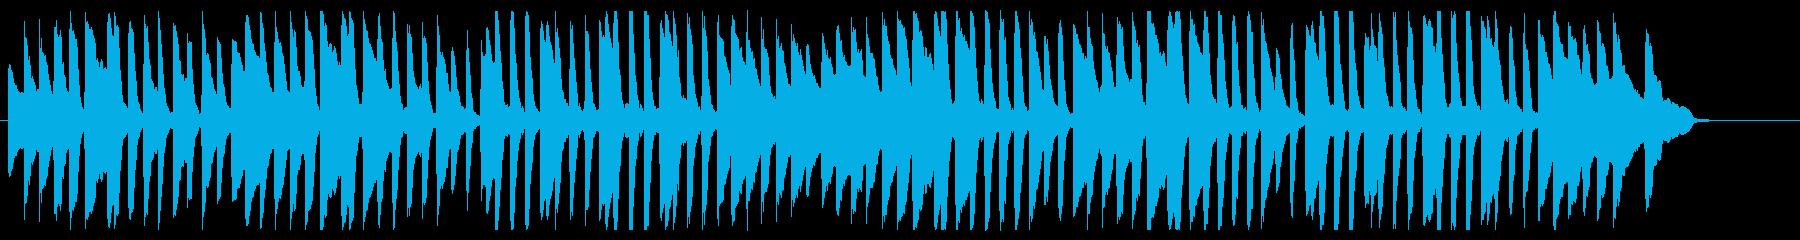 山の音楽家 ピアノver.の再生済みの波形